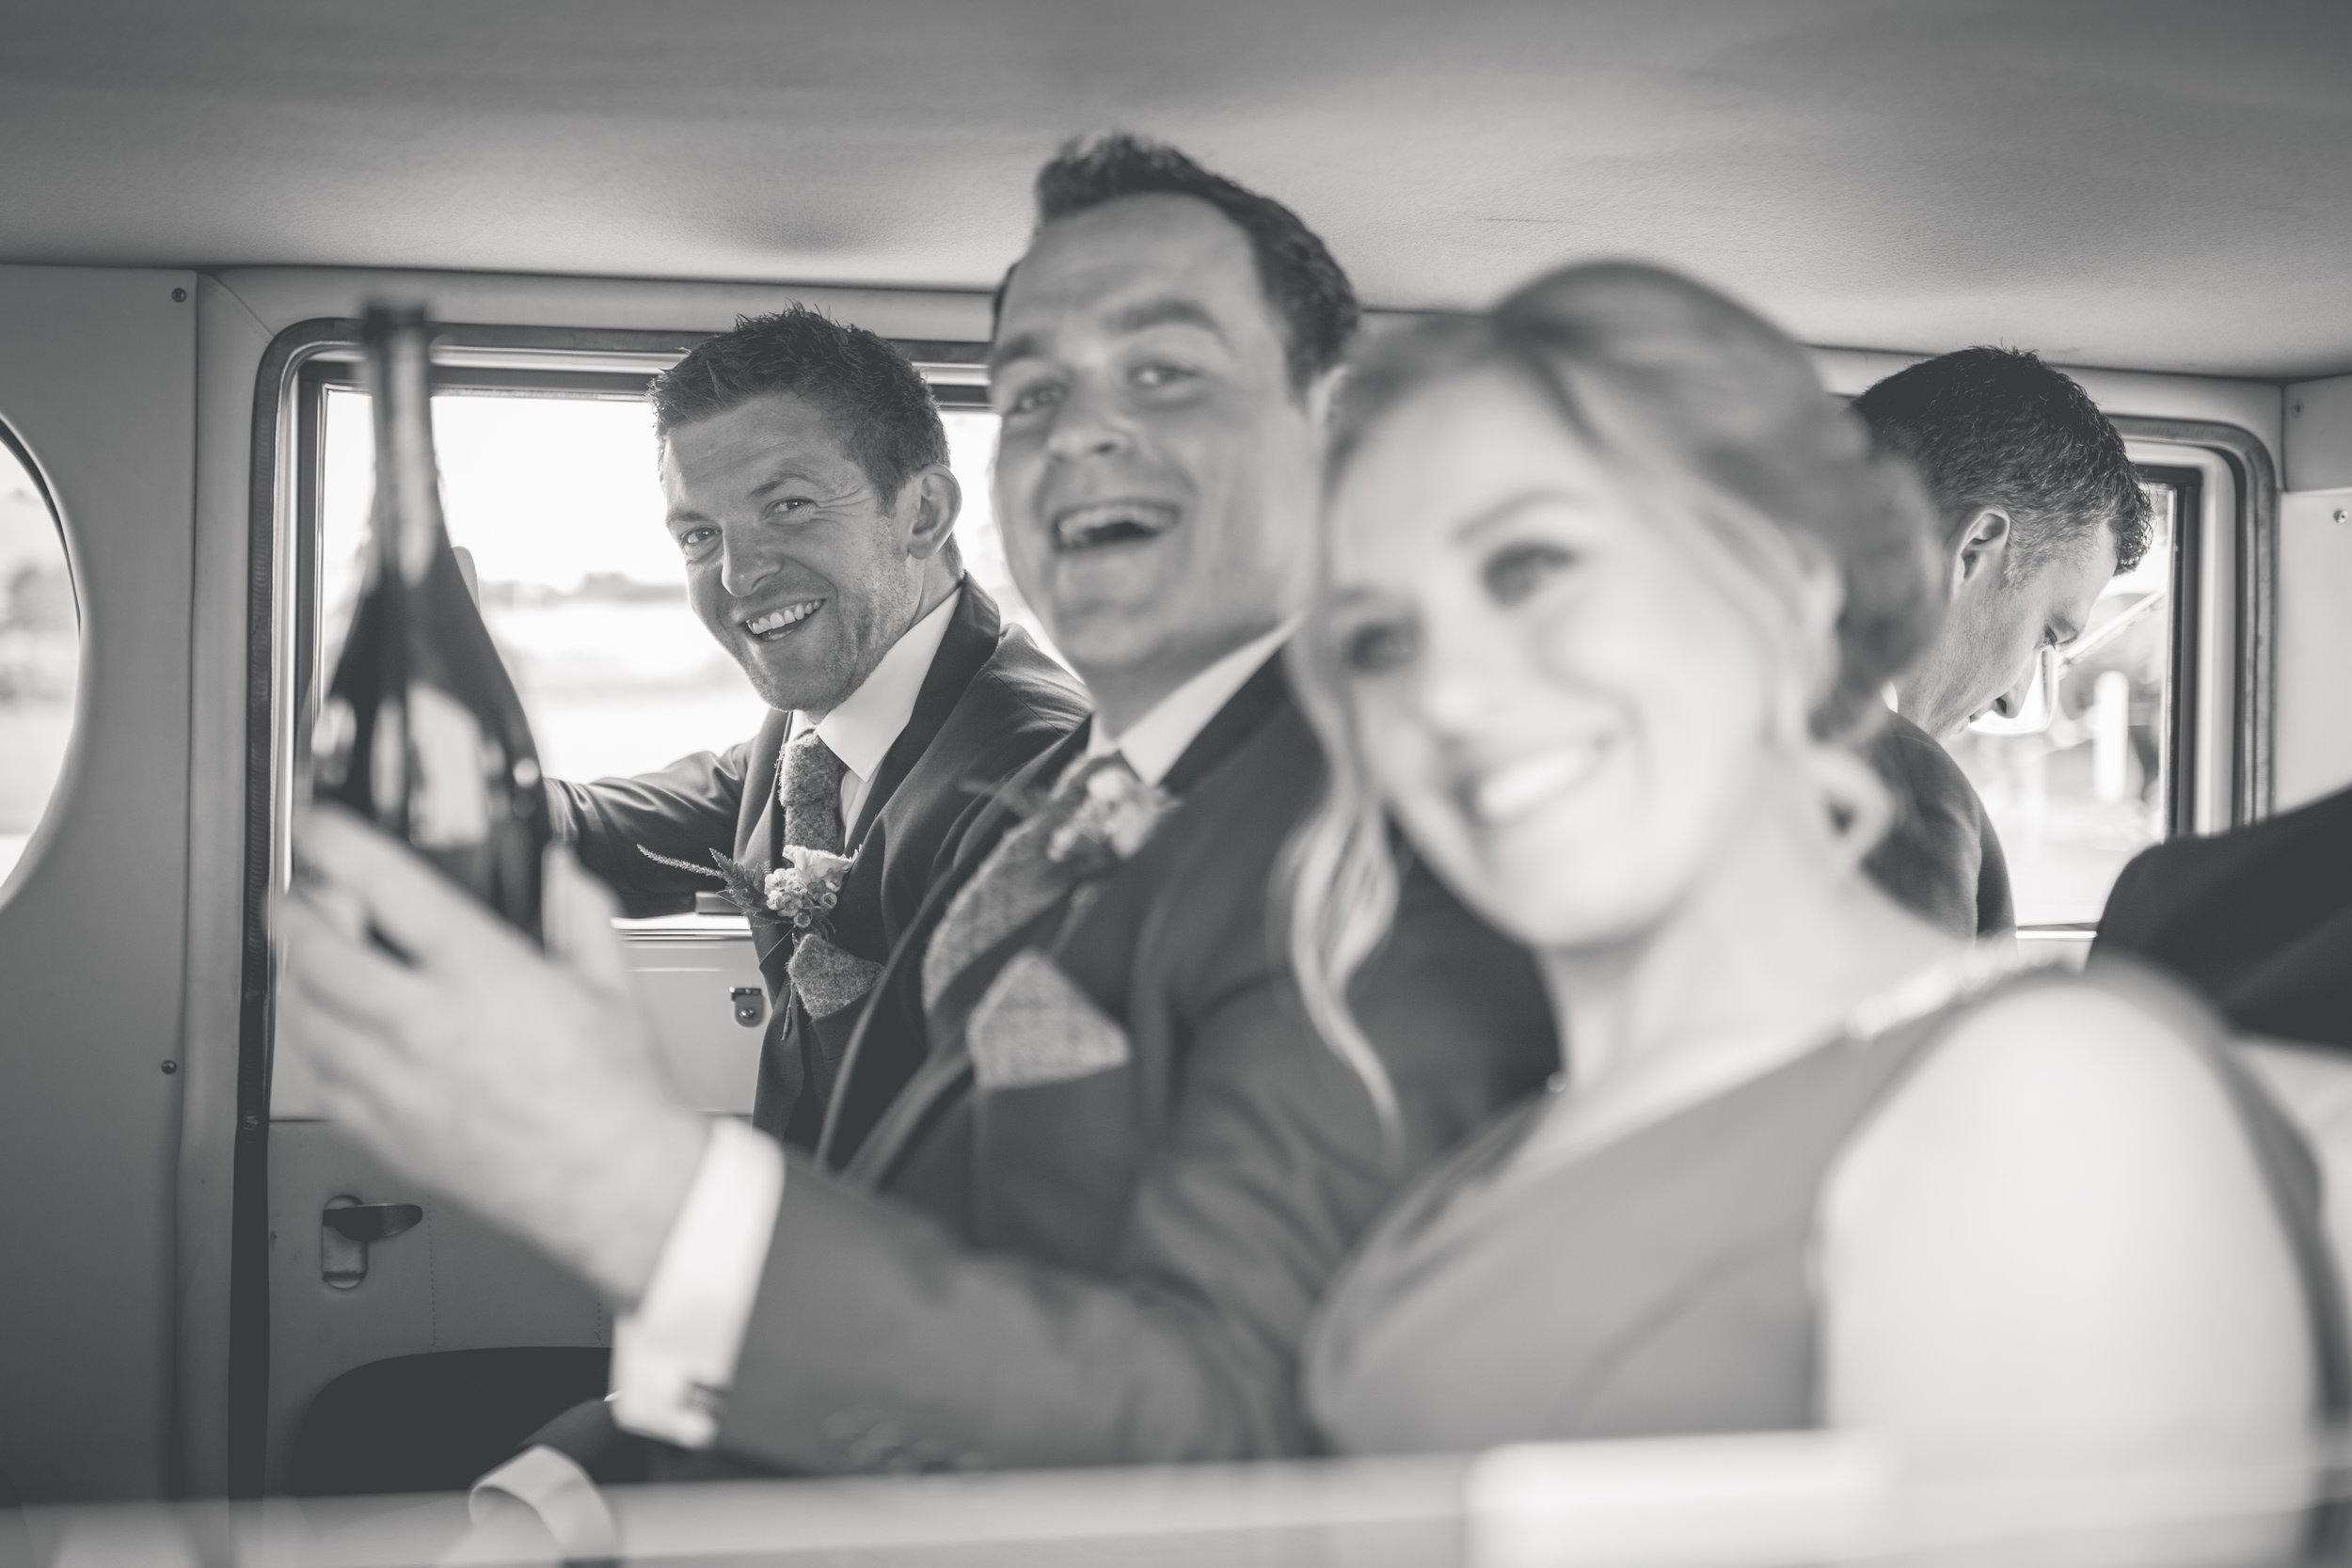 Brian McEwan Wedding Photography   Carol-Anne & Sean   The Ceremony-166.jpg